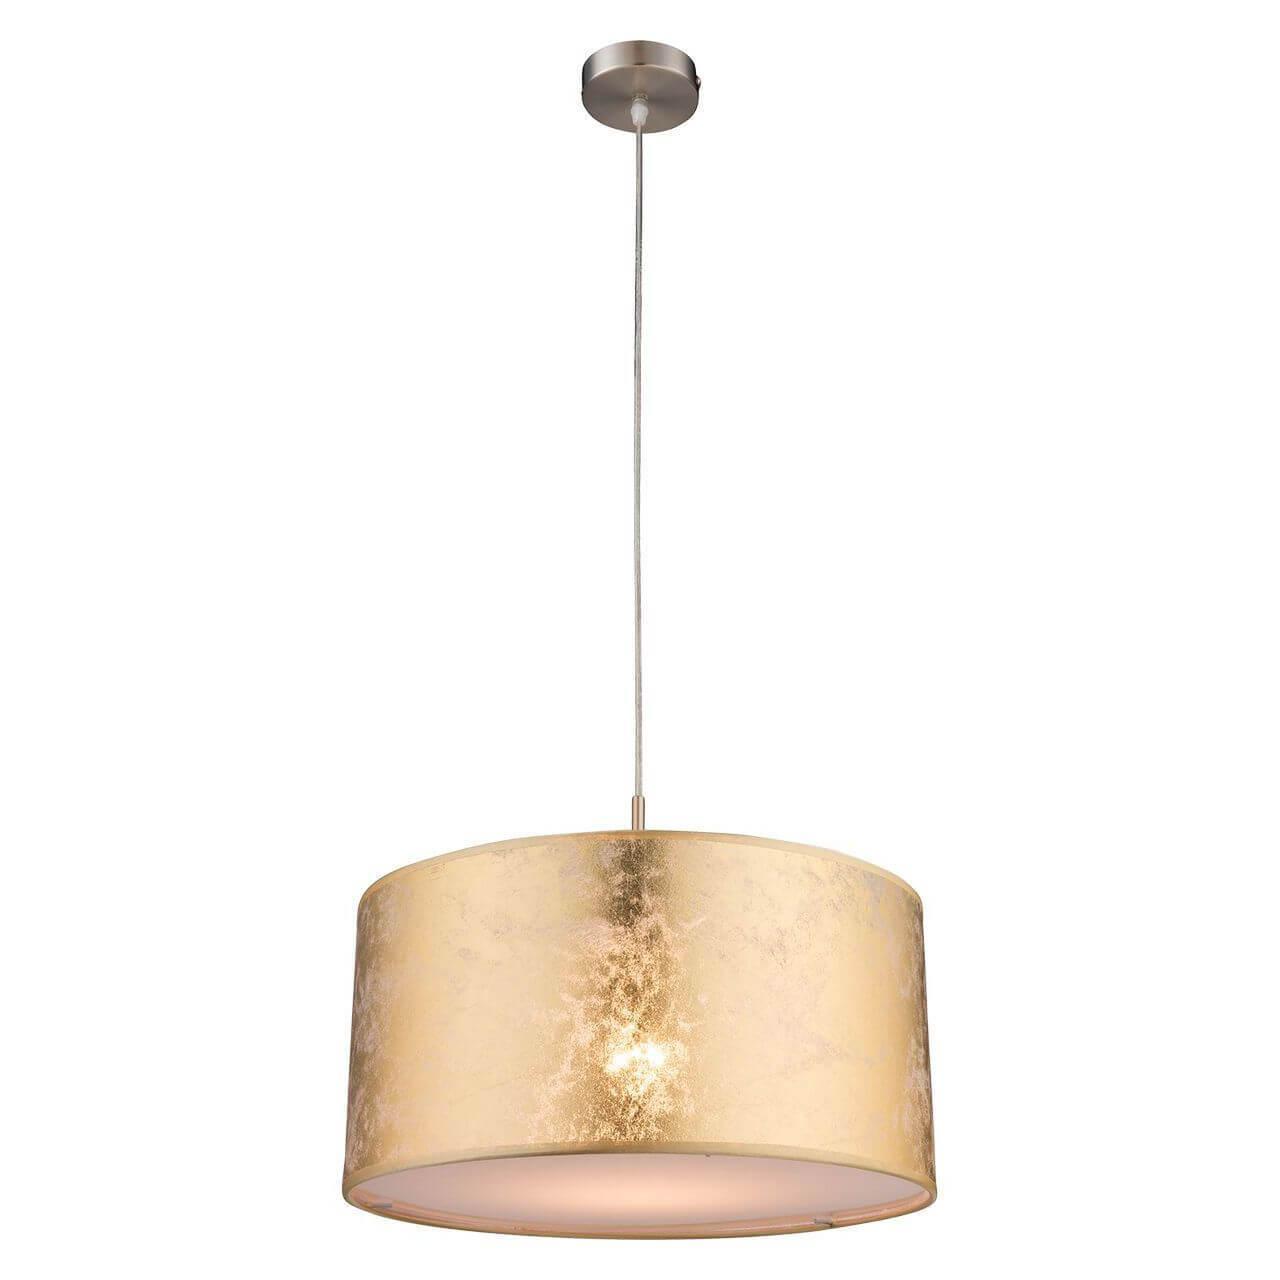 Подвесной светильник Globo 15187H, E27, 60 Вт подвесной светильник globo amy 15187h3